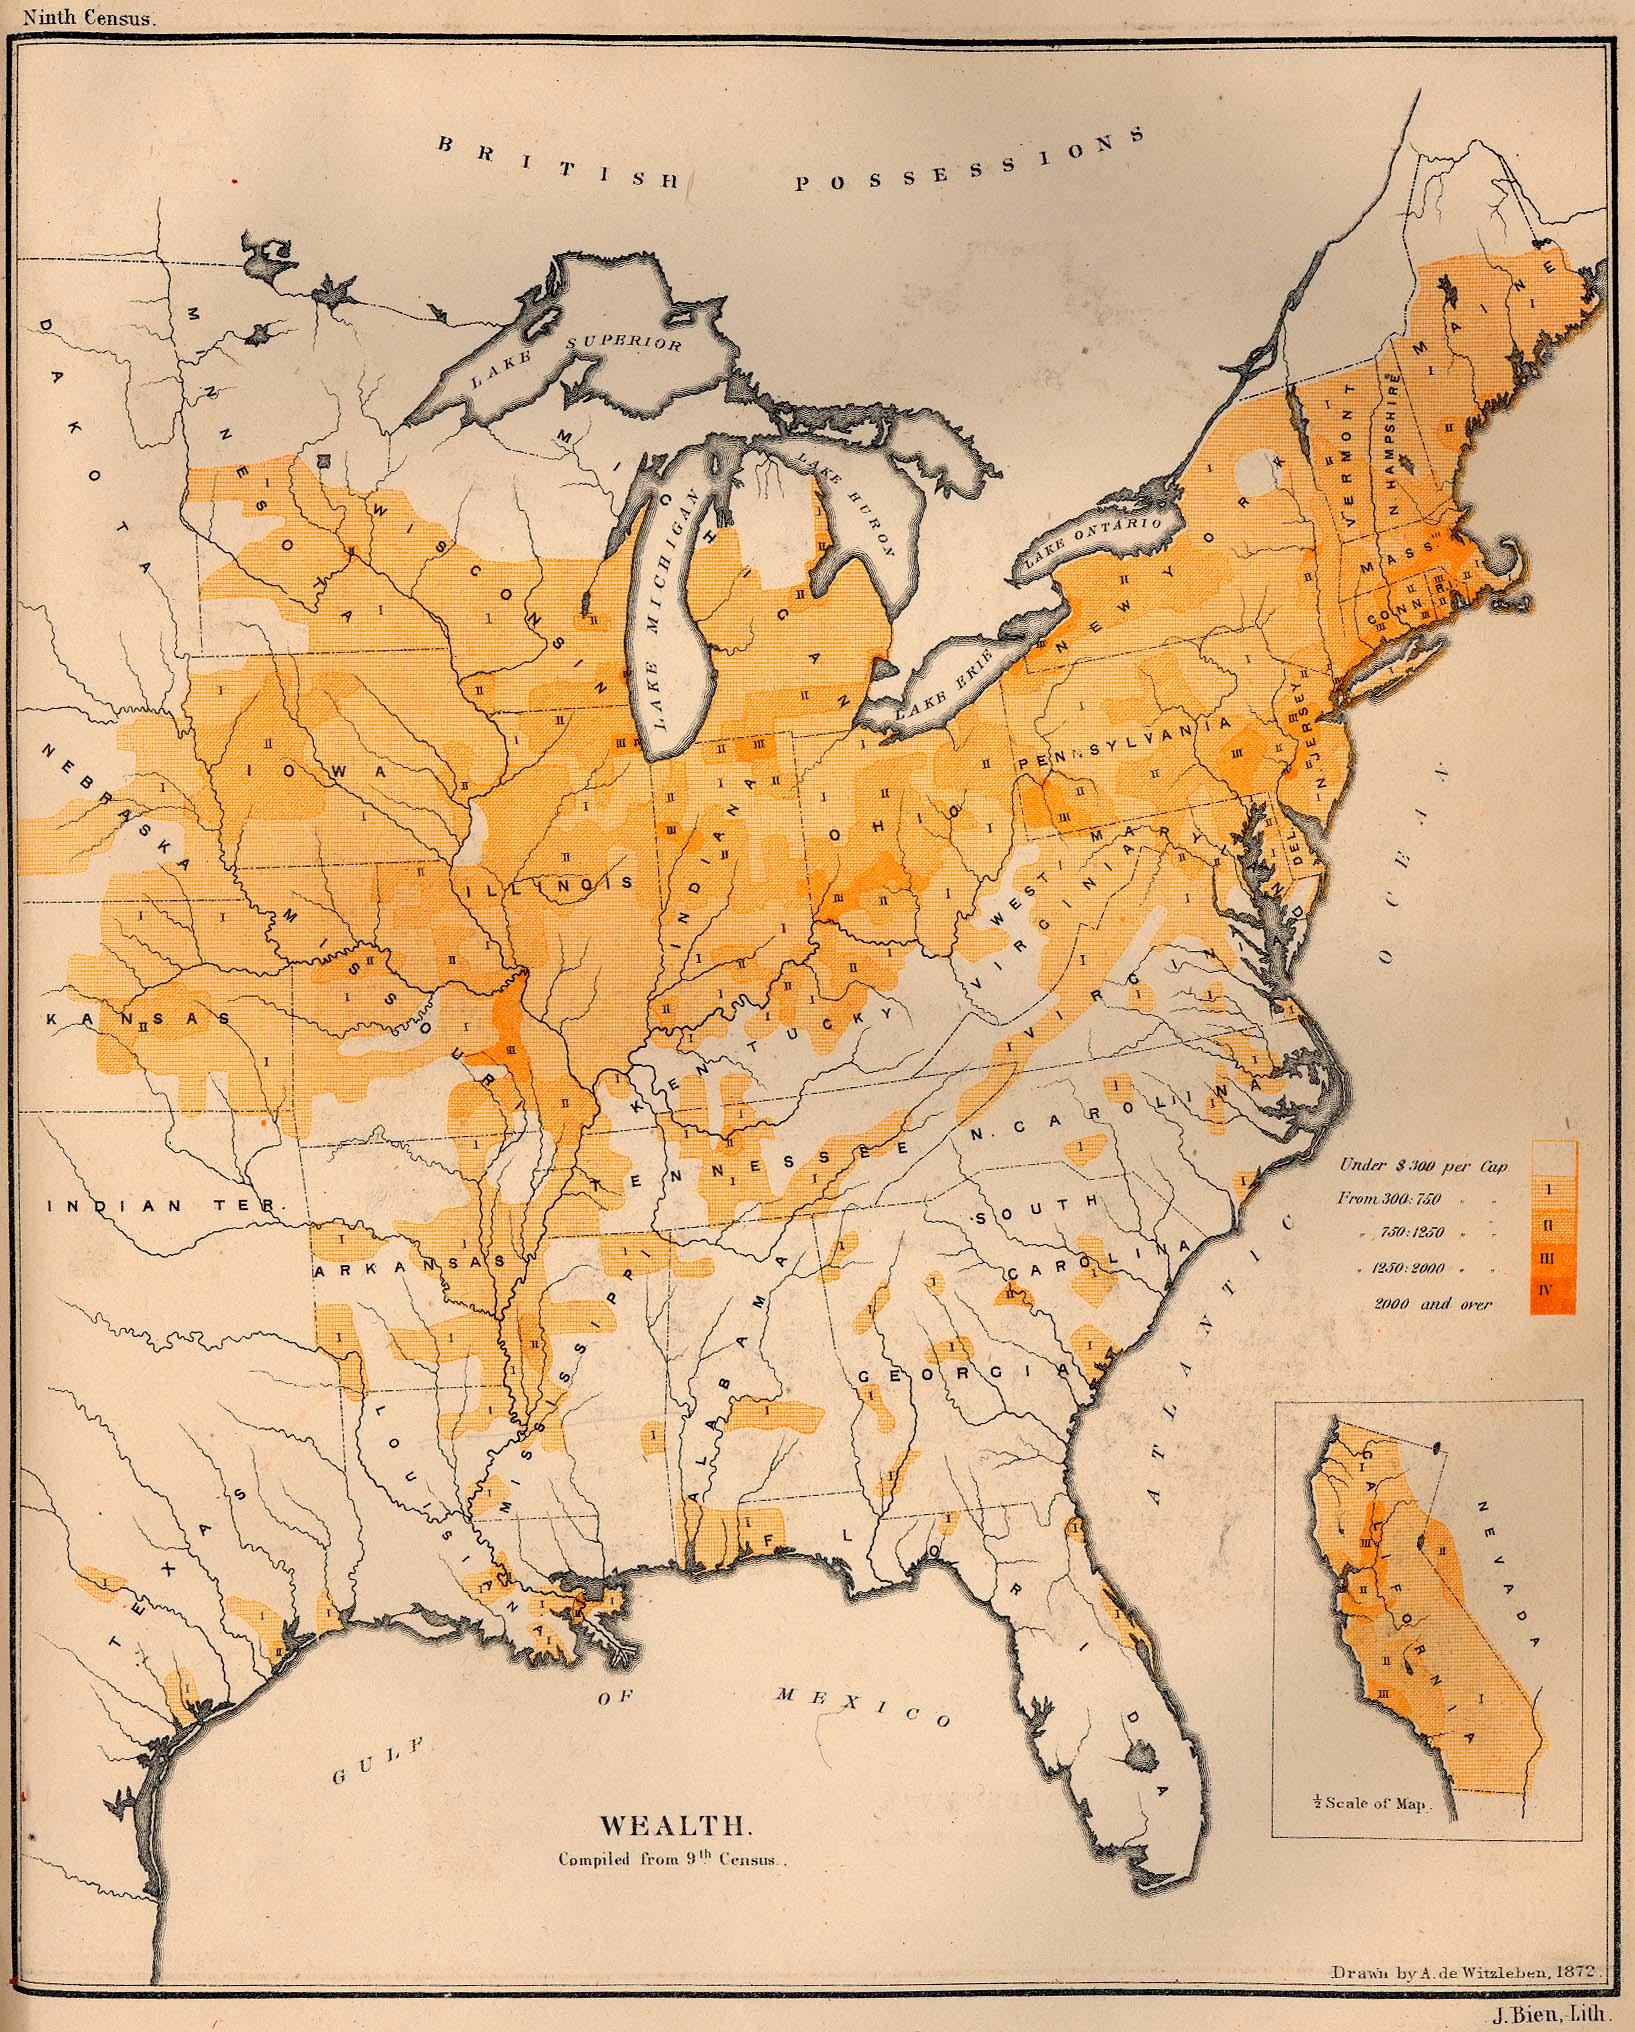 Maps Public Domain Images Online - Us wealth distribution map